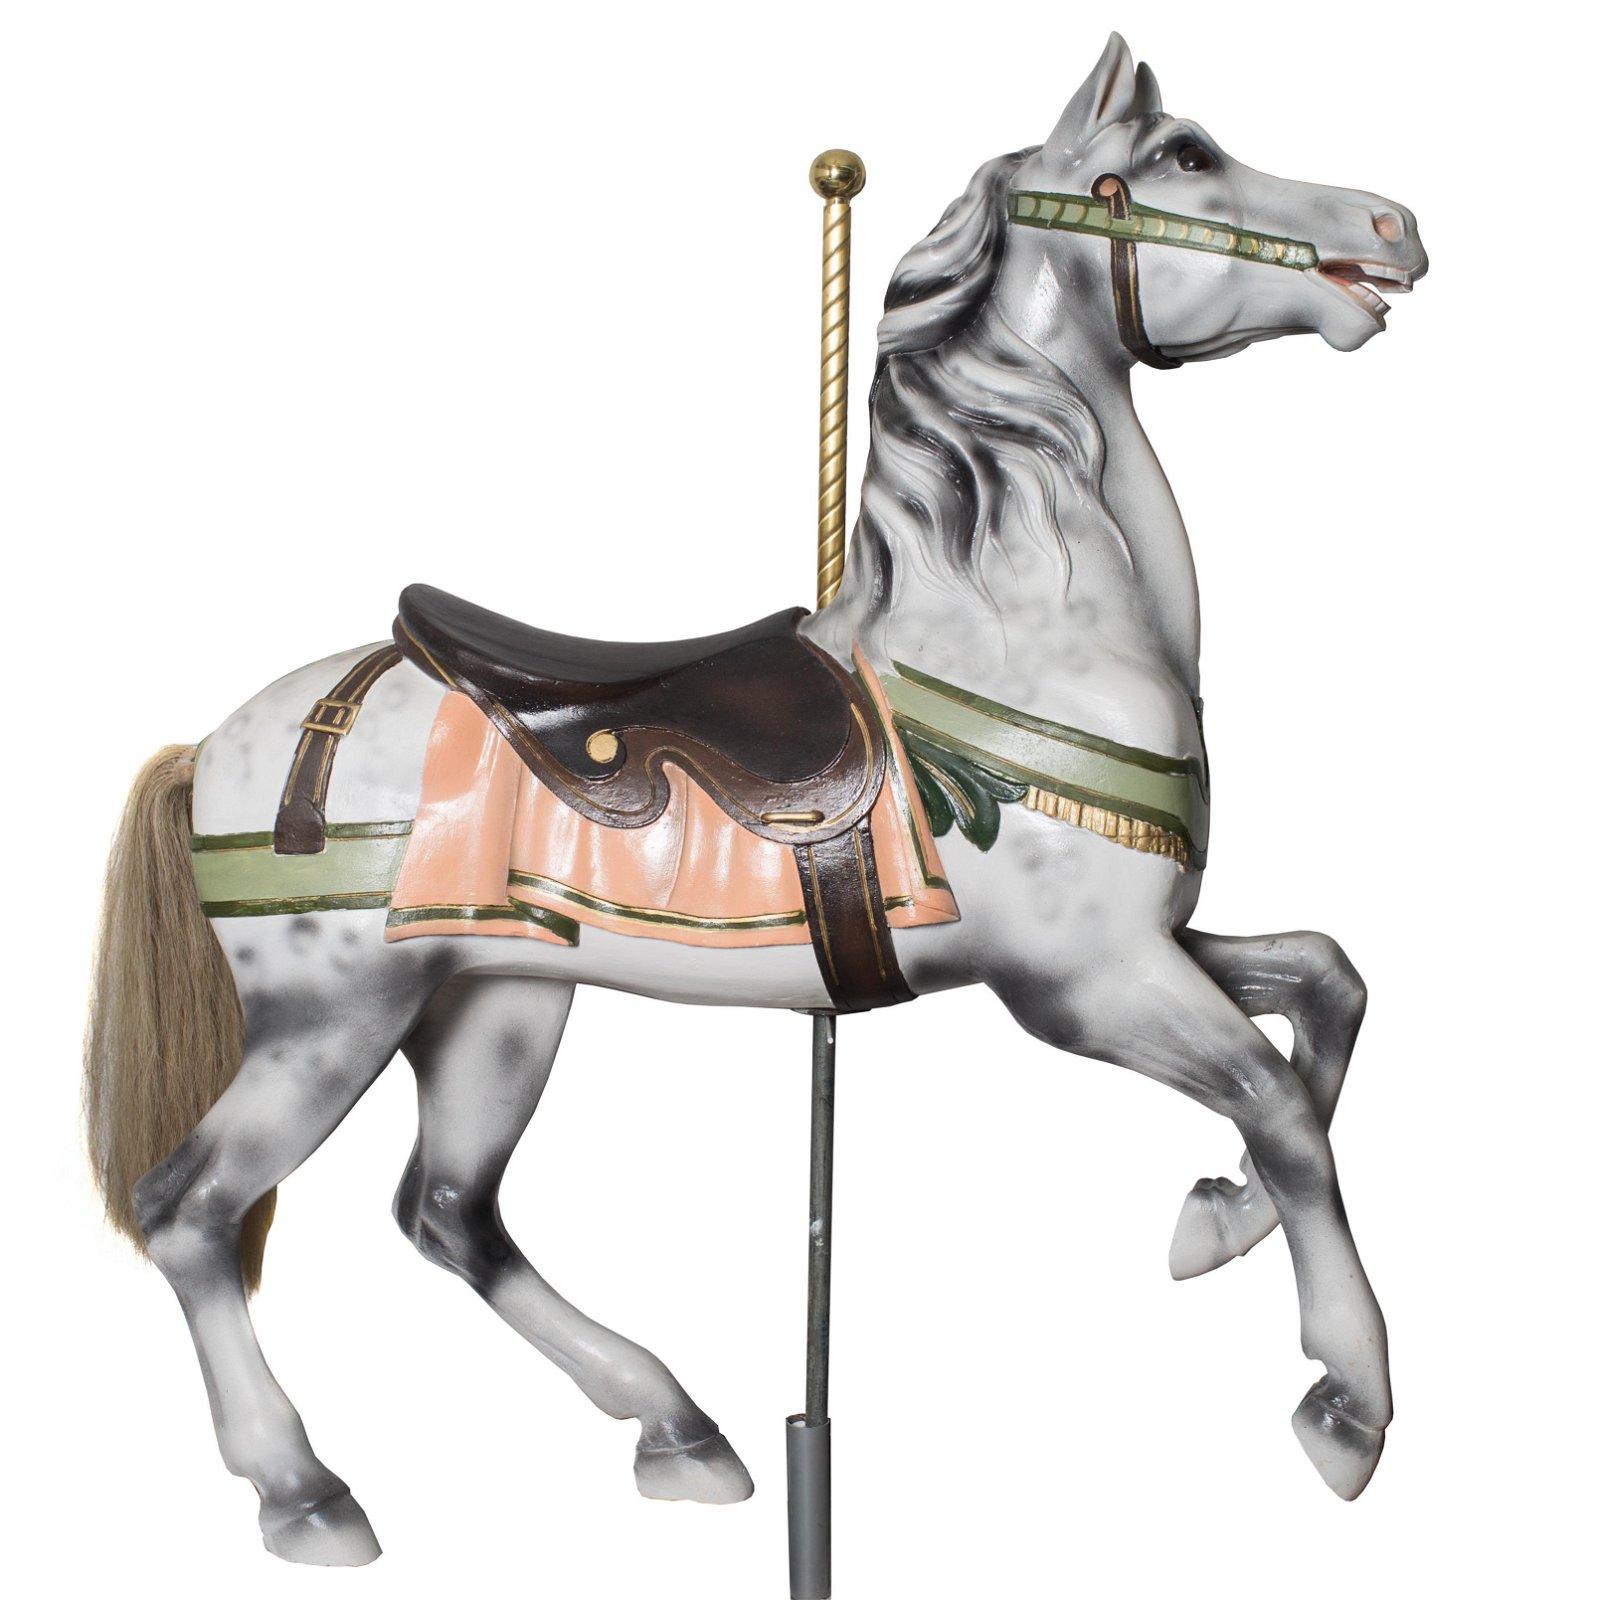 DENTZEL PRANCER CAROUSEL HORSE